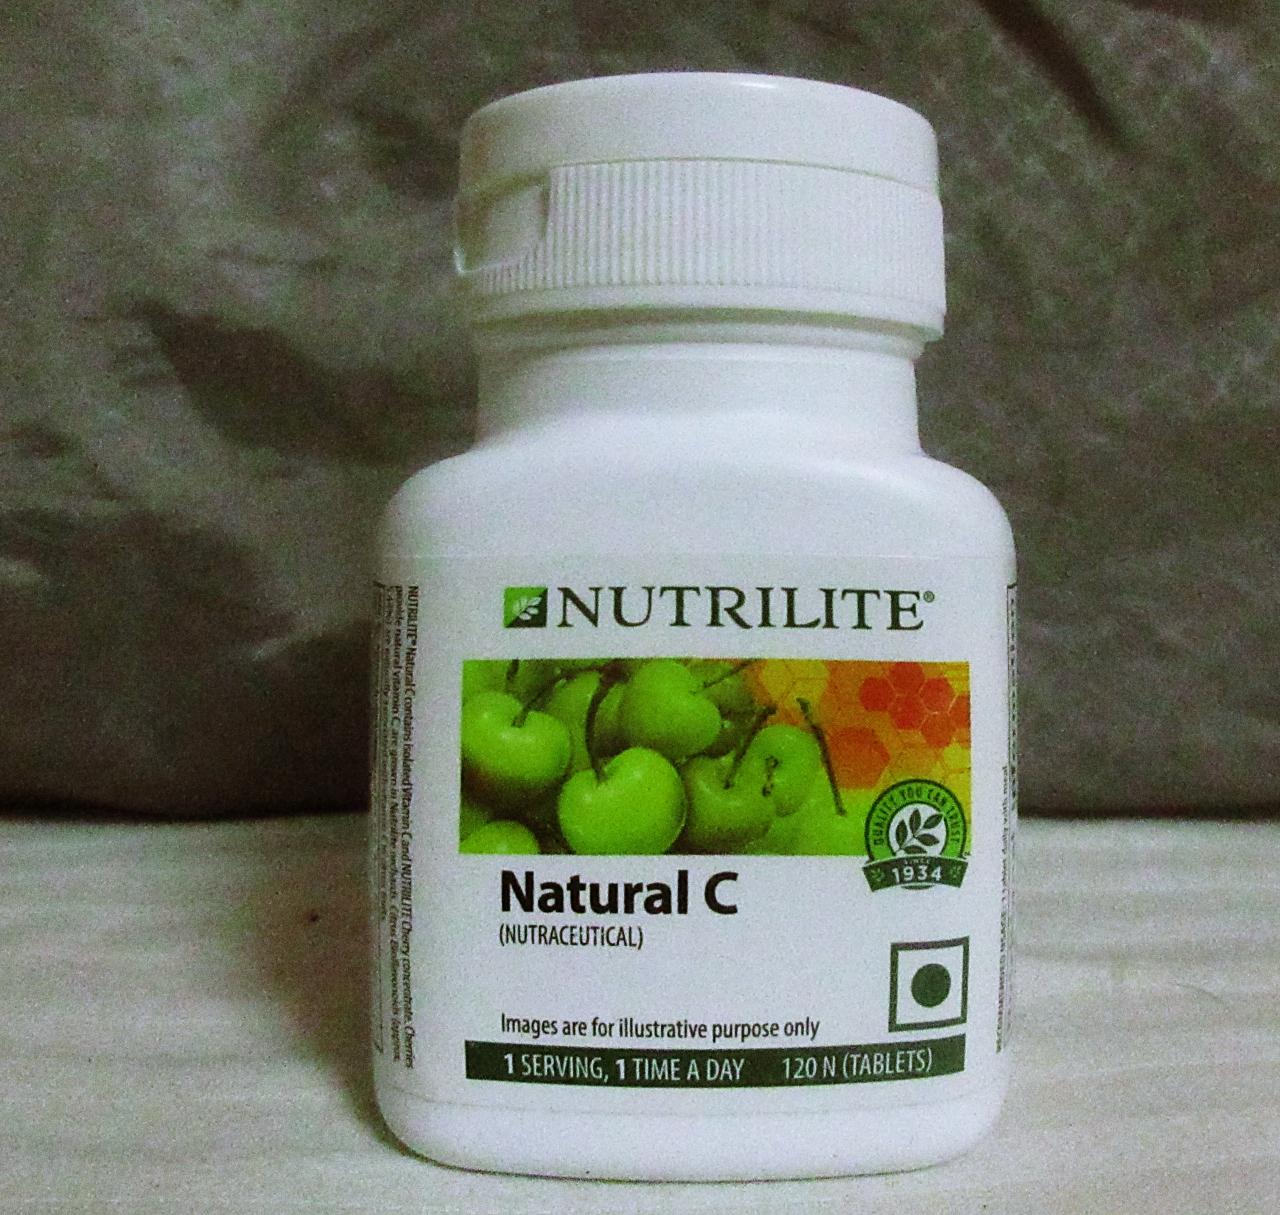 Nutrilite Natural C